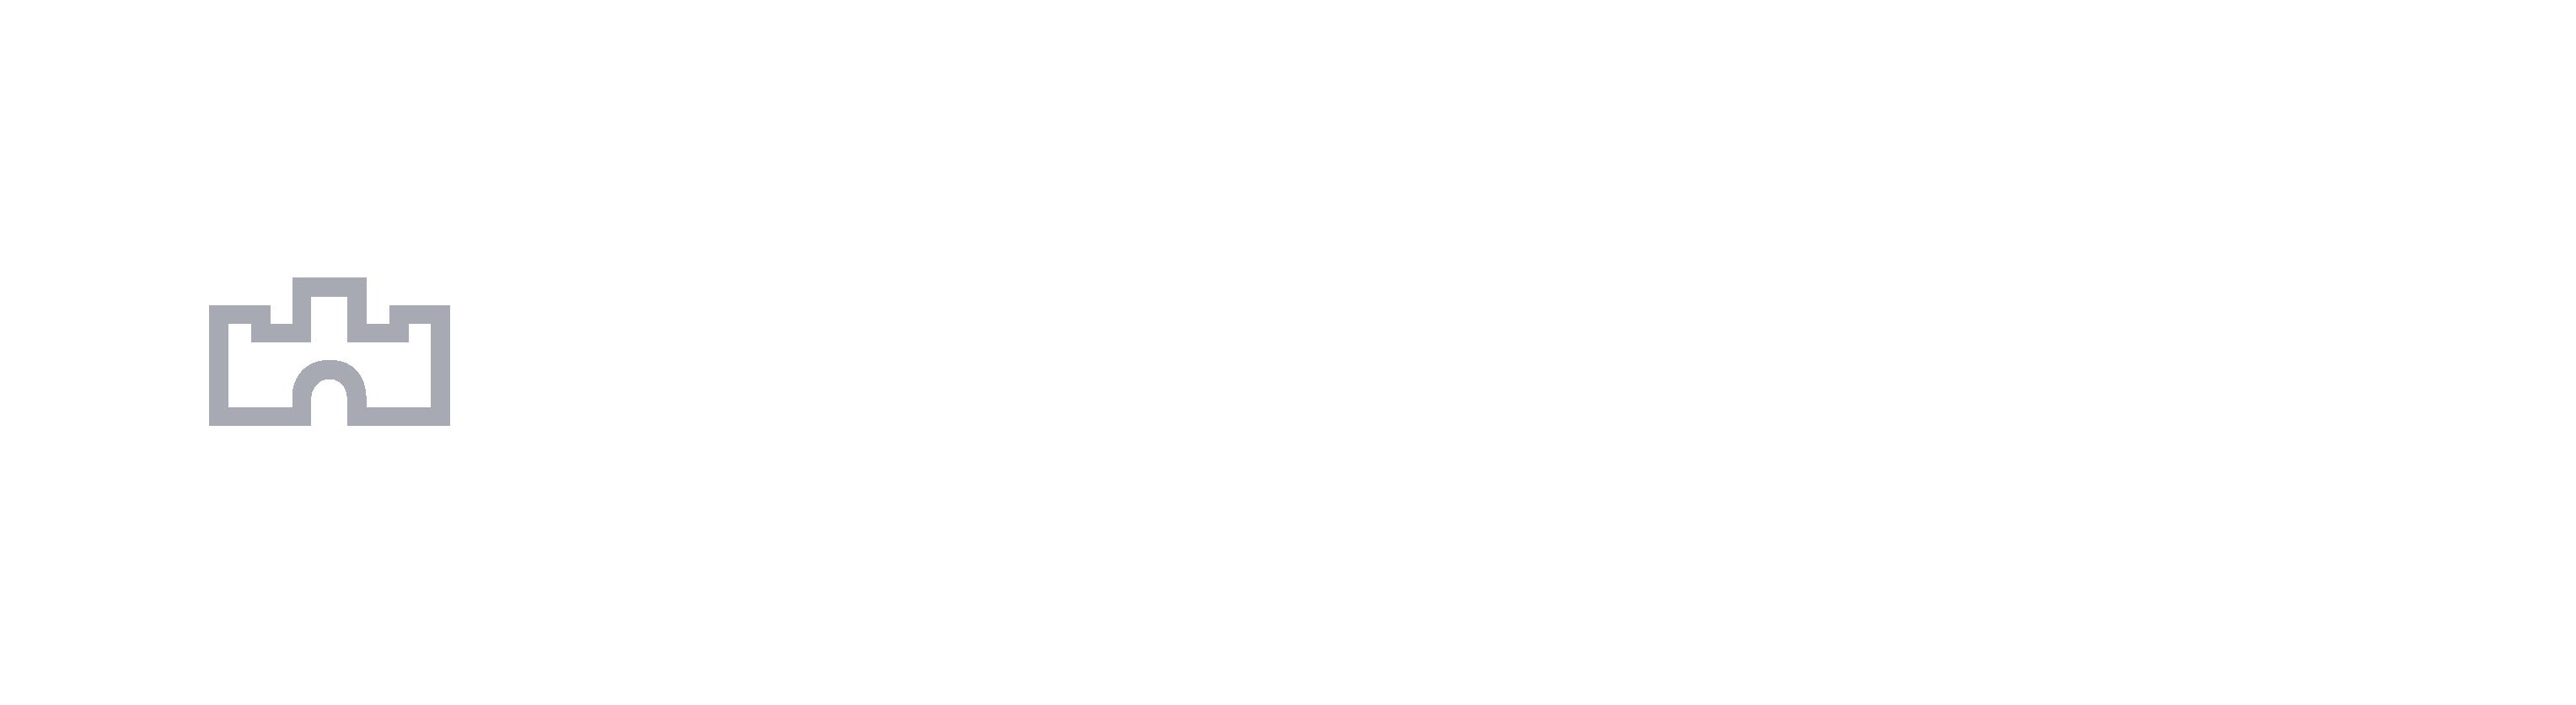 marshallwhite.com.au